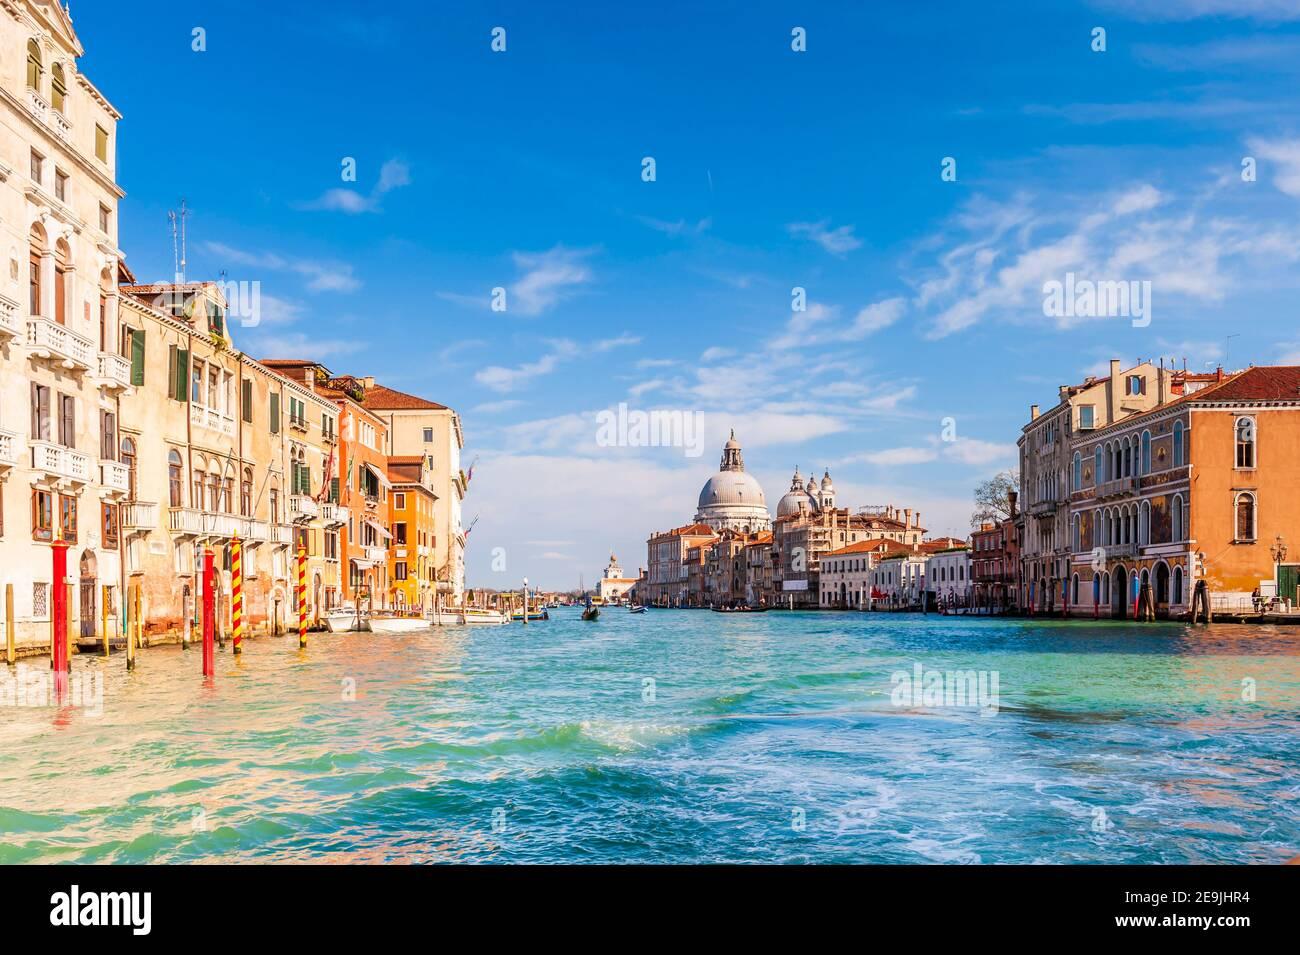 El Gran Canal y sus fachadas y la Basílica de Santa Maria della Salute en el fondo en Venecia en Veneto, Italia Foto de stock